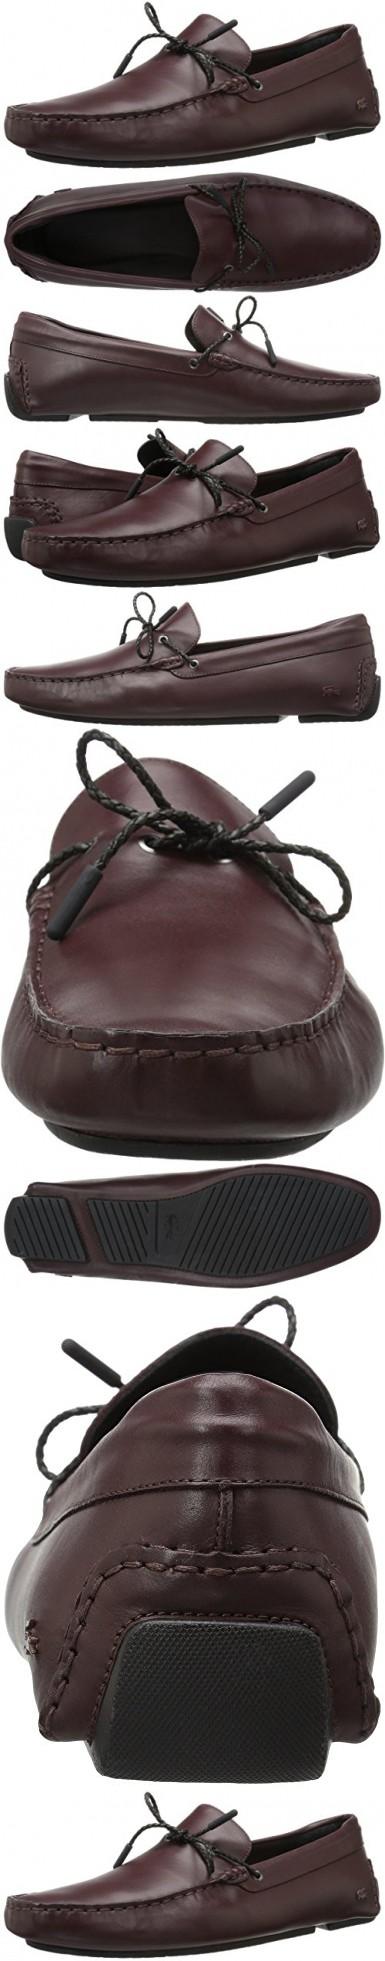 69fef3cd8708 Lacoste Men s Piloter Corde 117 1 Formal Shoe Fashion Sneaker